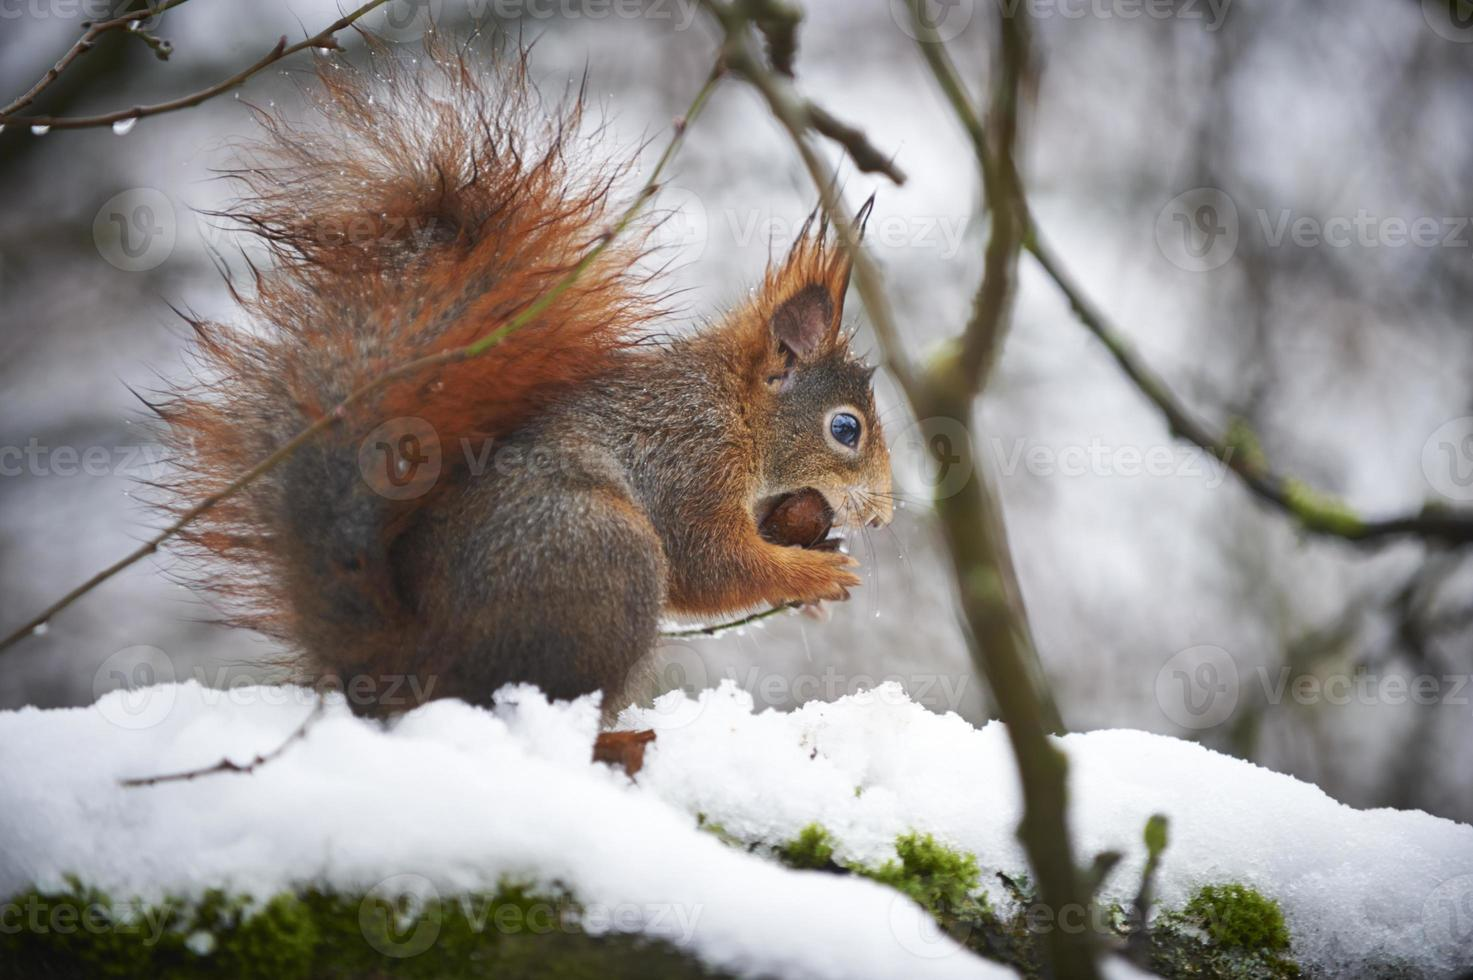 alimentación de invierno foto